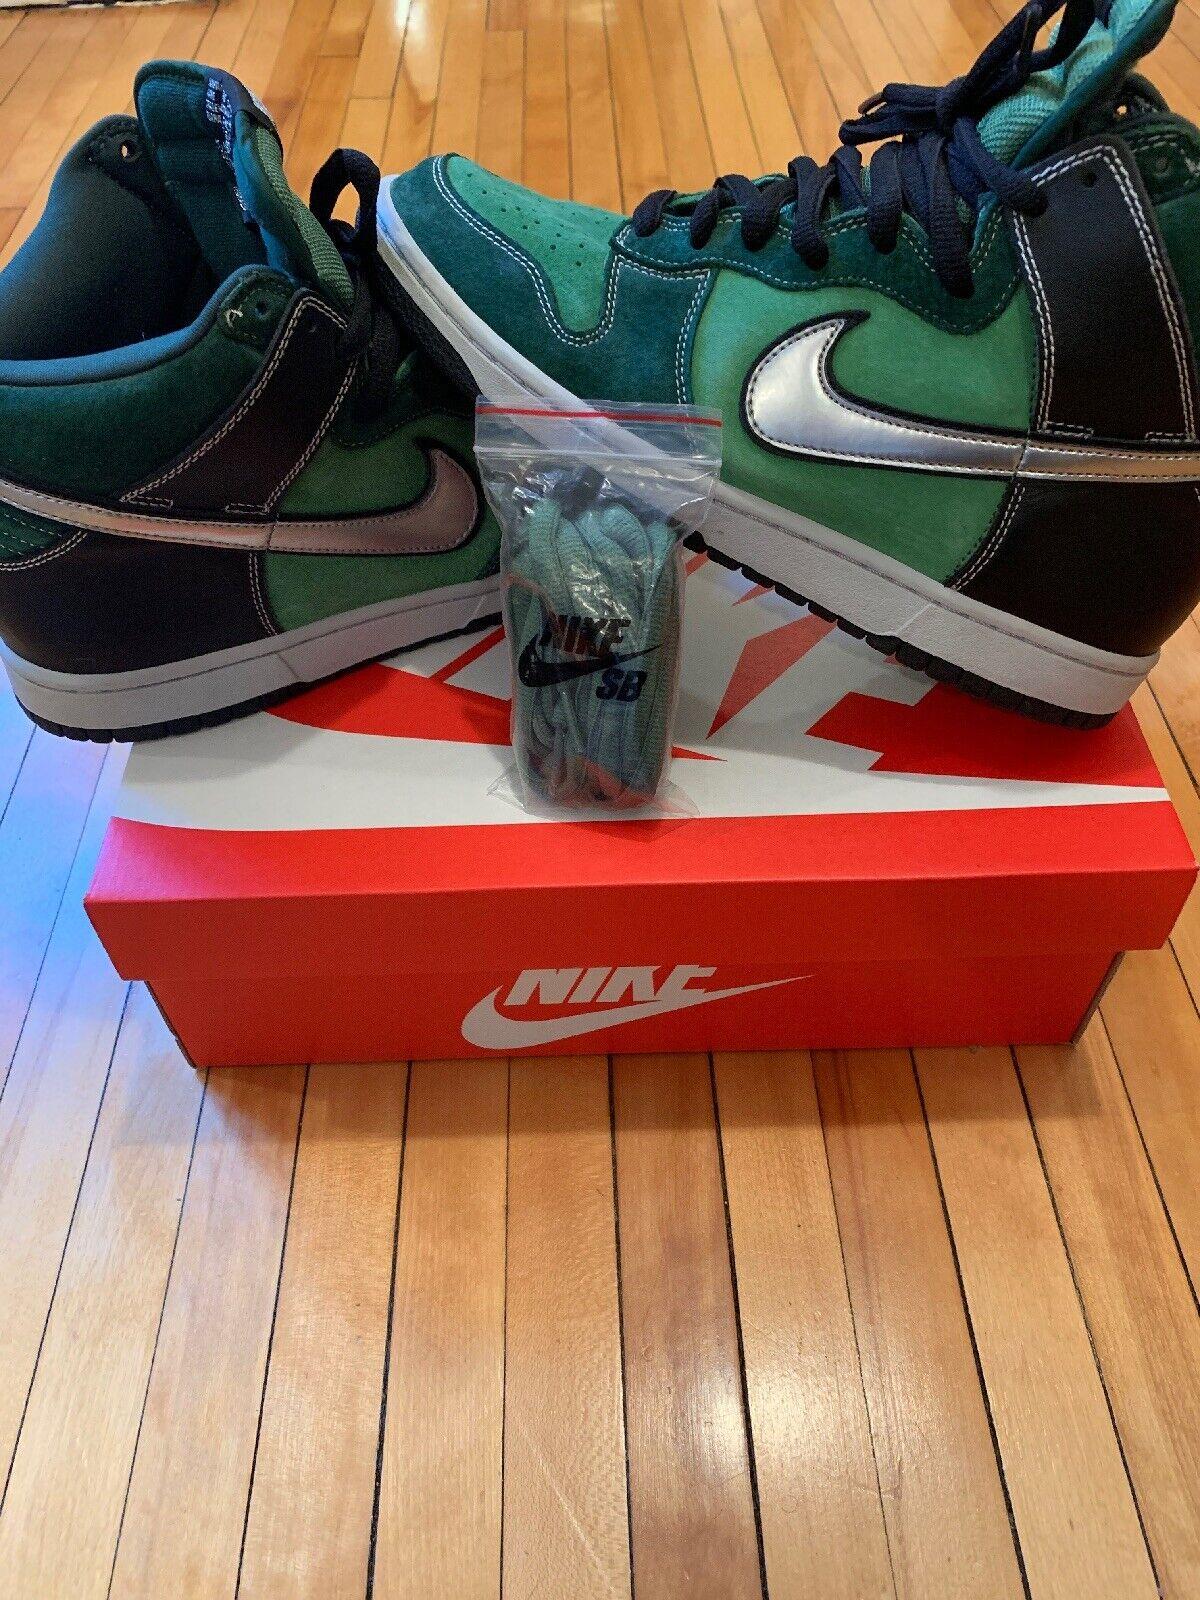 huge selection of 6c2eb f1d0c Nike Dunk Pro High SB Dunk Brut, Size 10, EUC, EUC, EUC